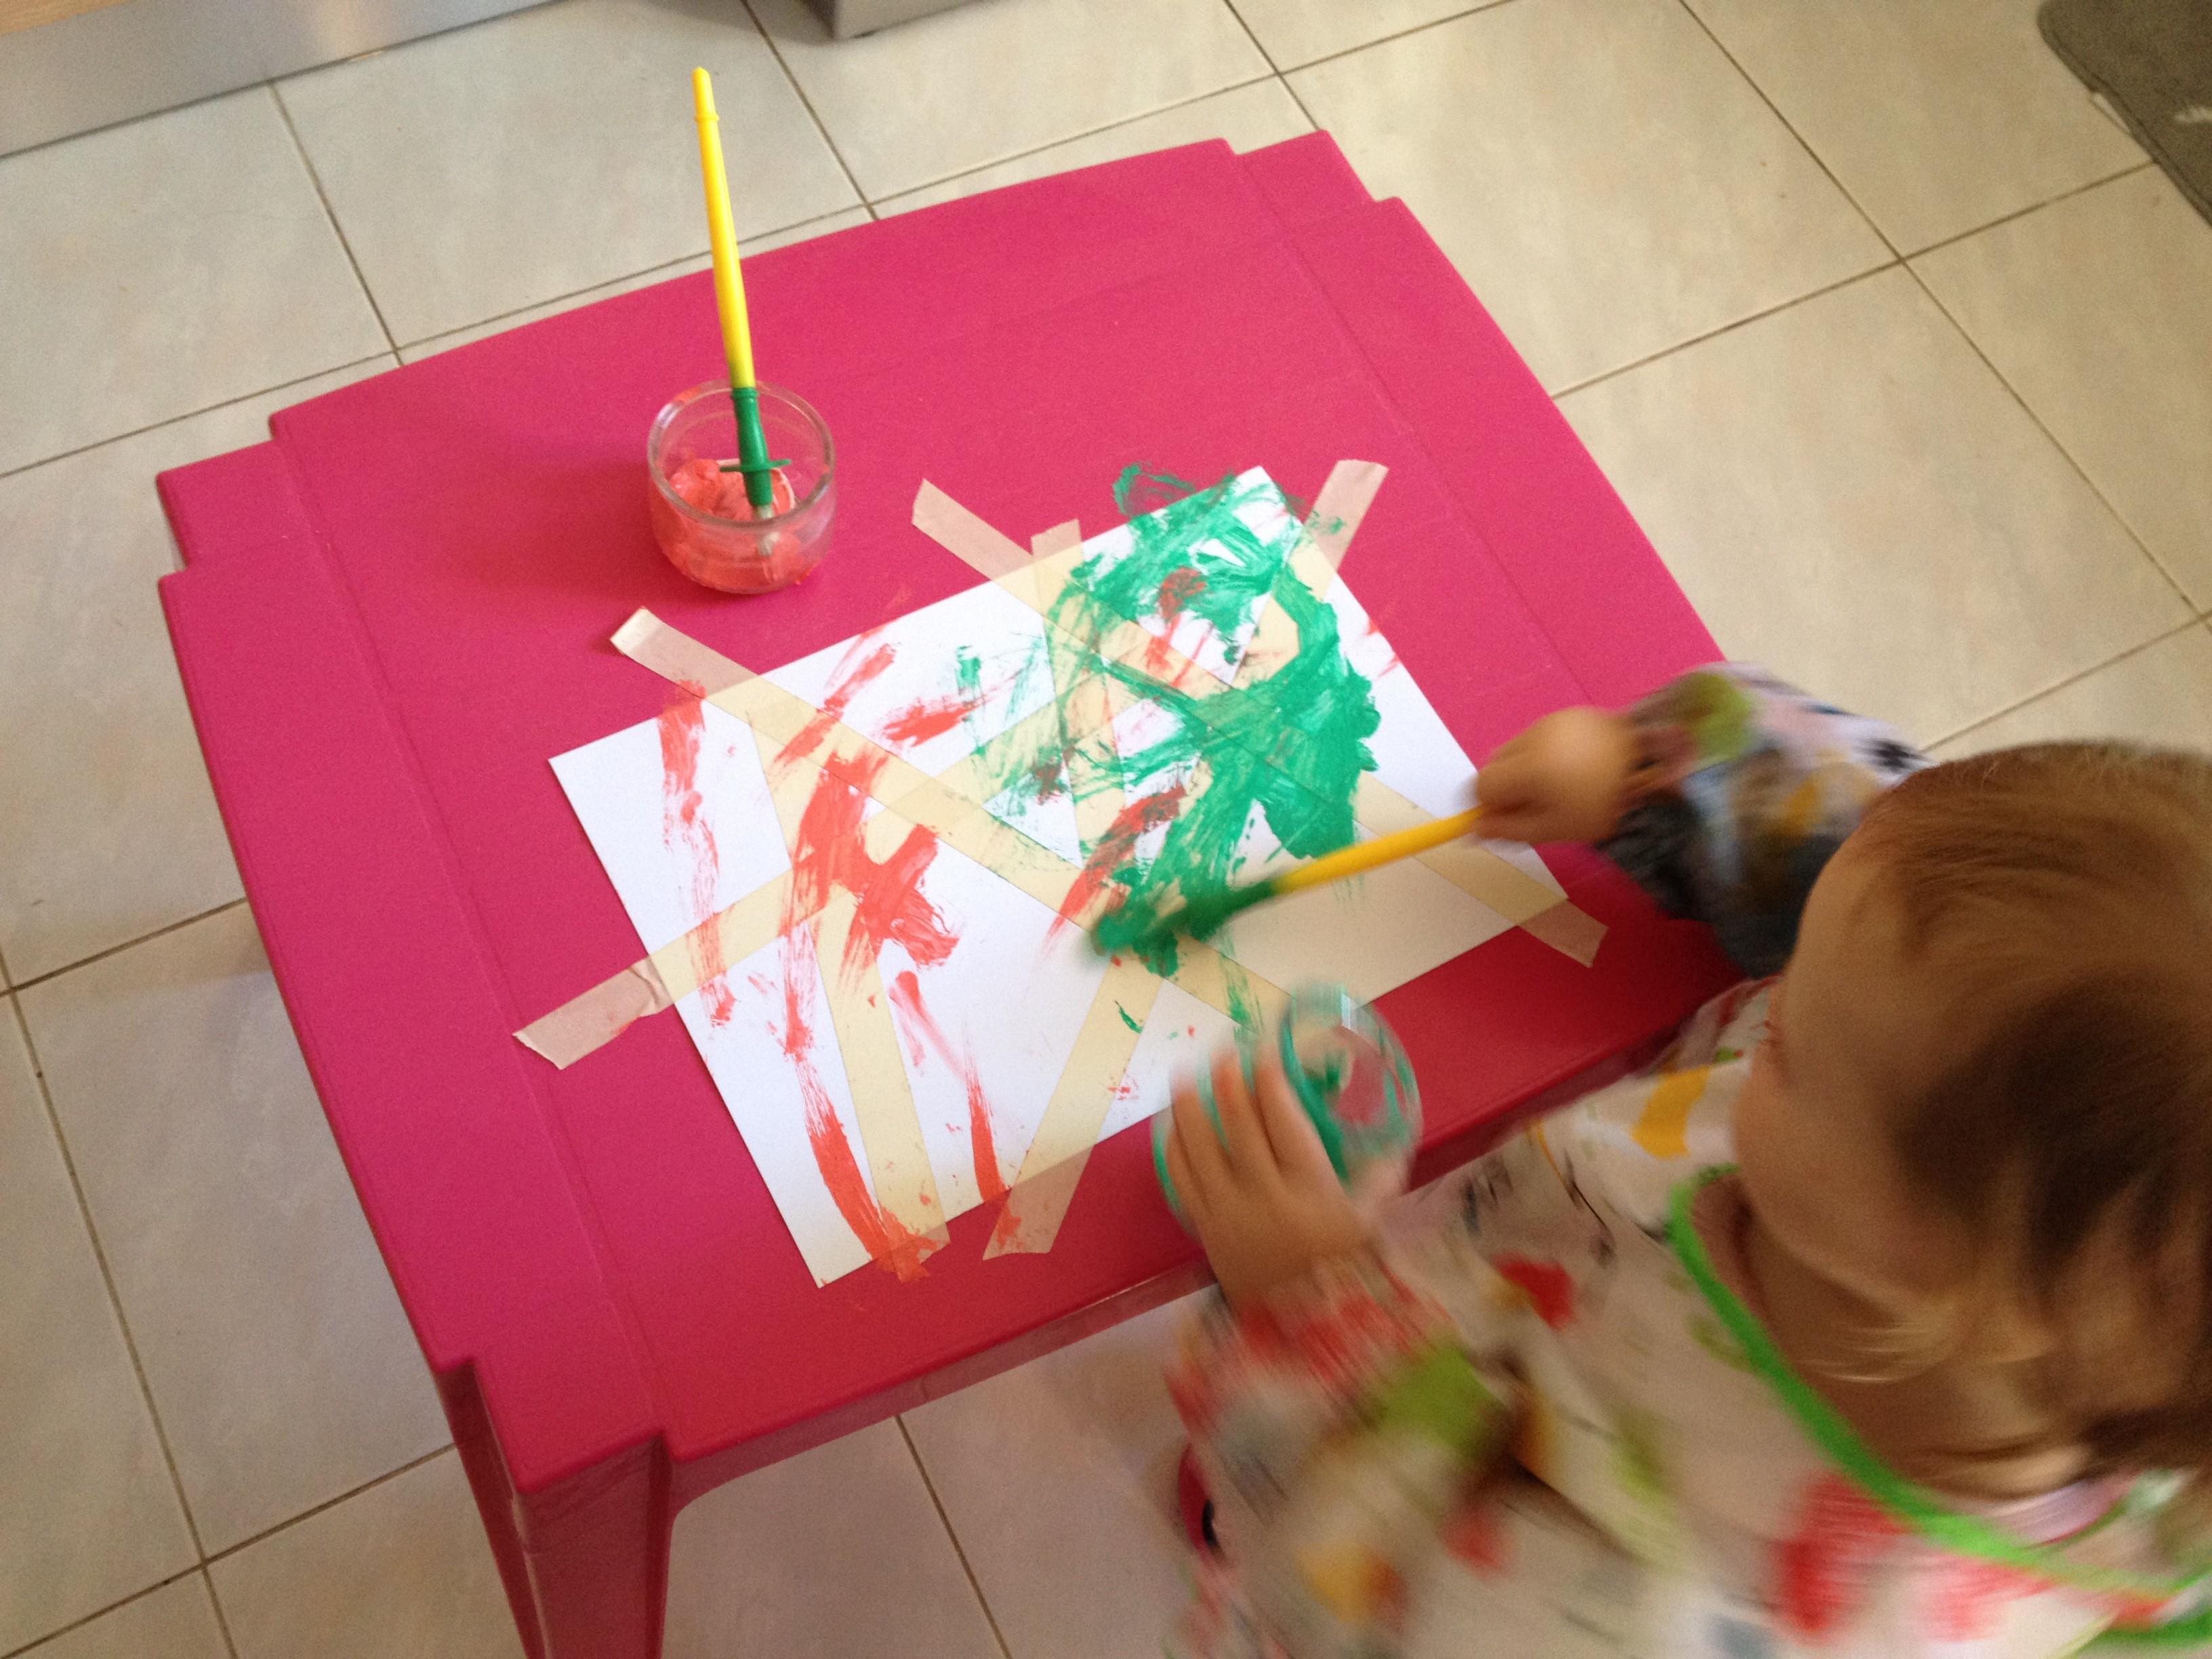 somummy-atelier-peinture-scotch-oeuvre-d'art-activite-enfant-bebe-blog-maman-2